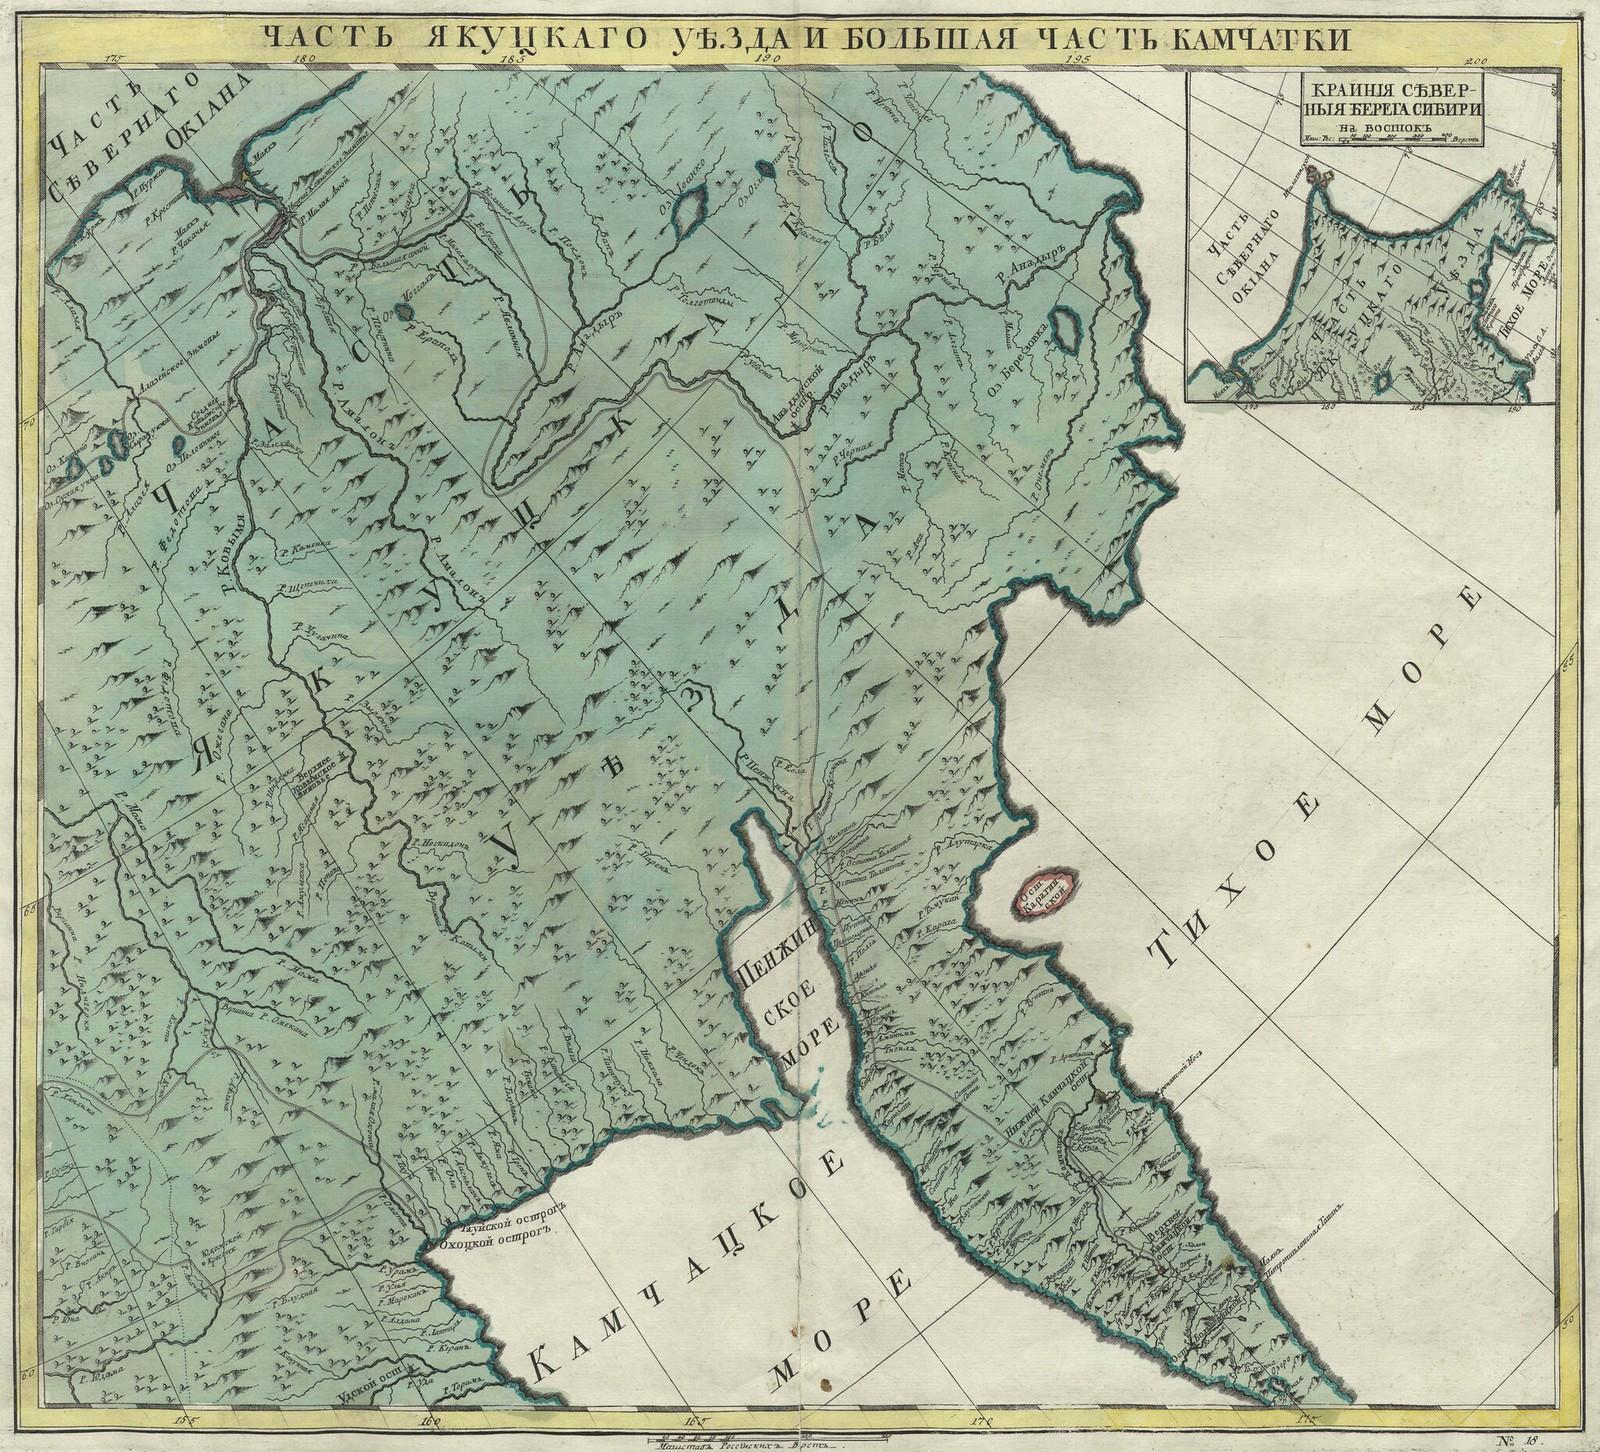 38. Часть Якутского уезда и большая часть Камчатки